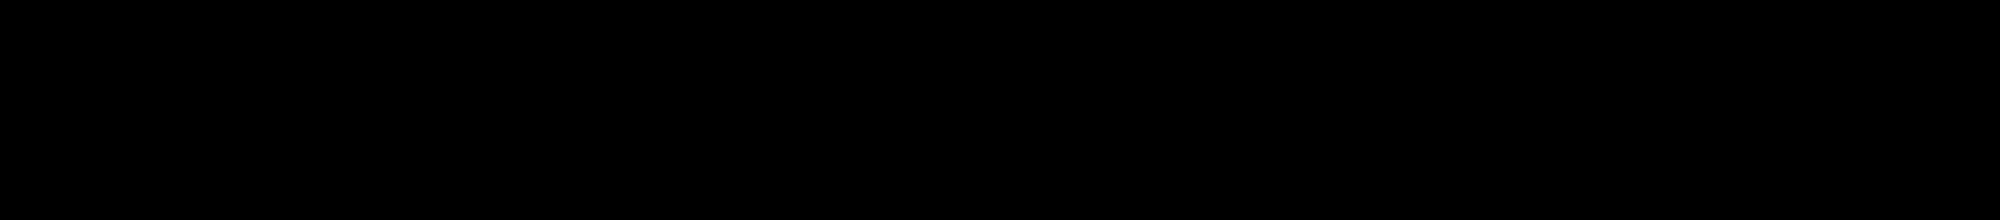 story maker logo